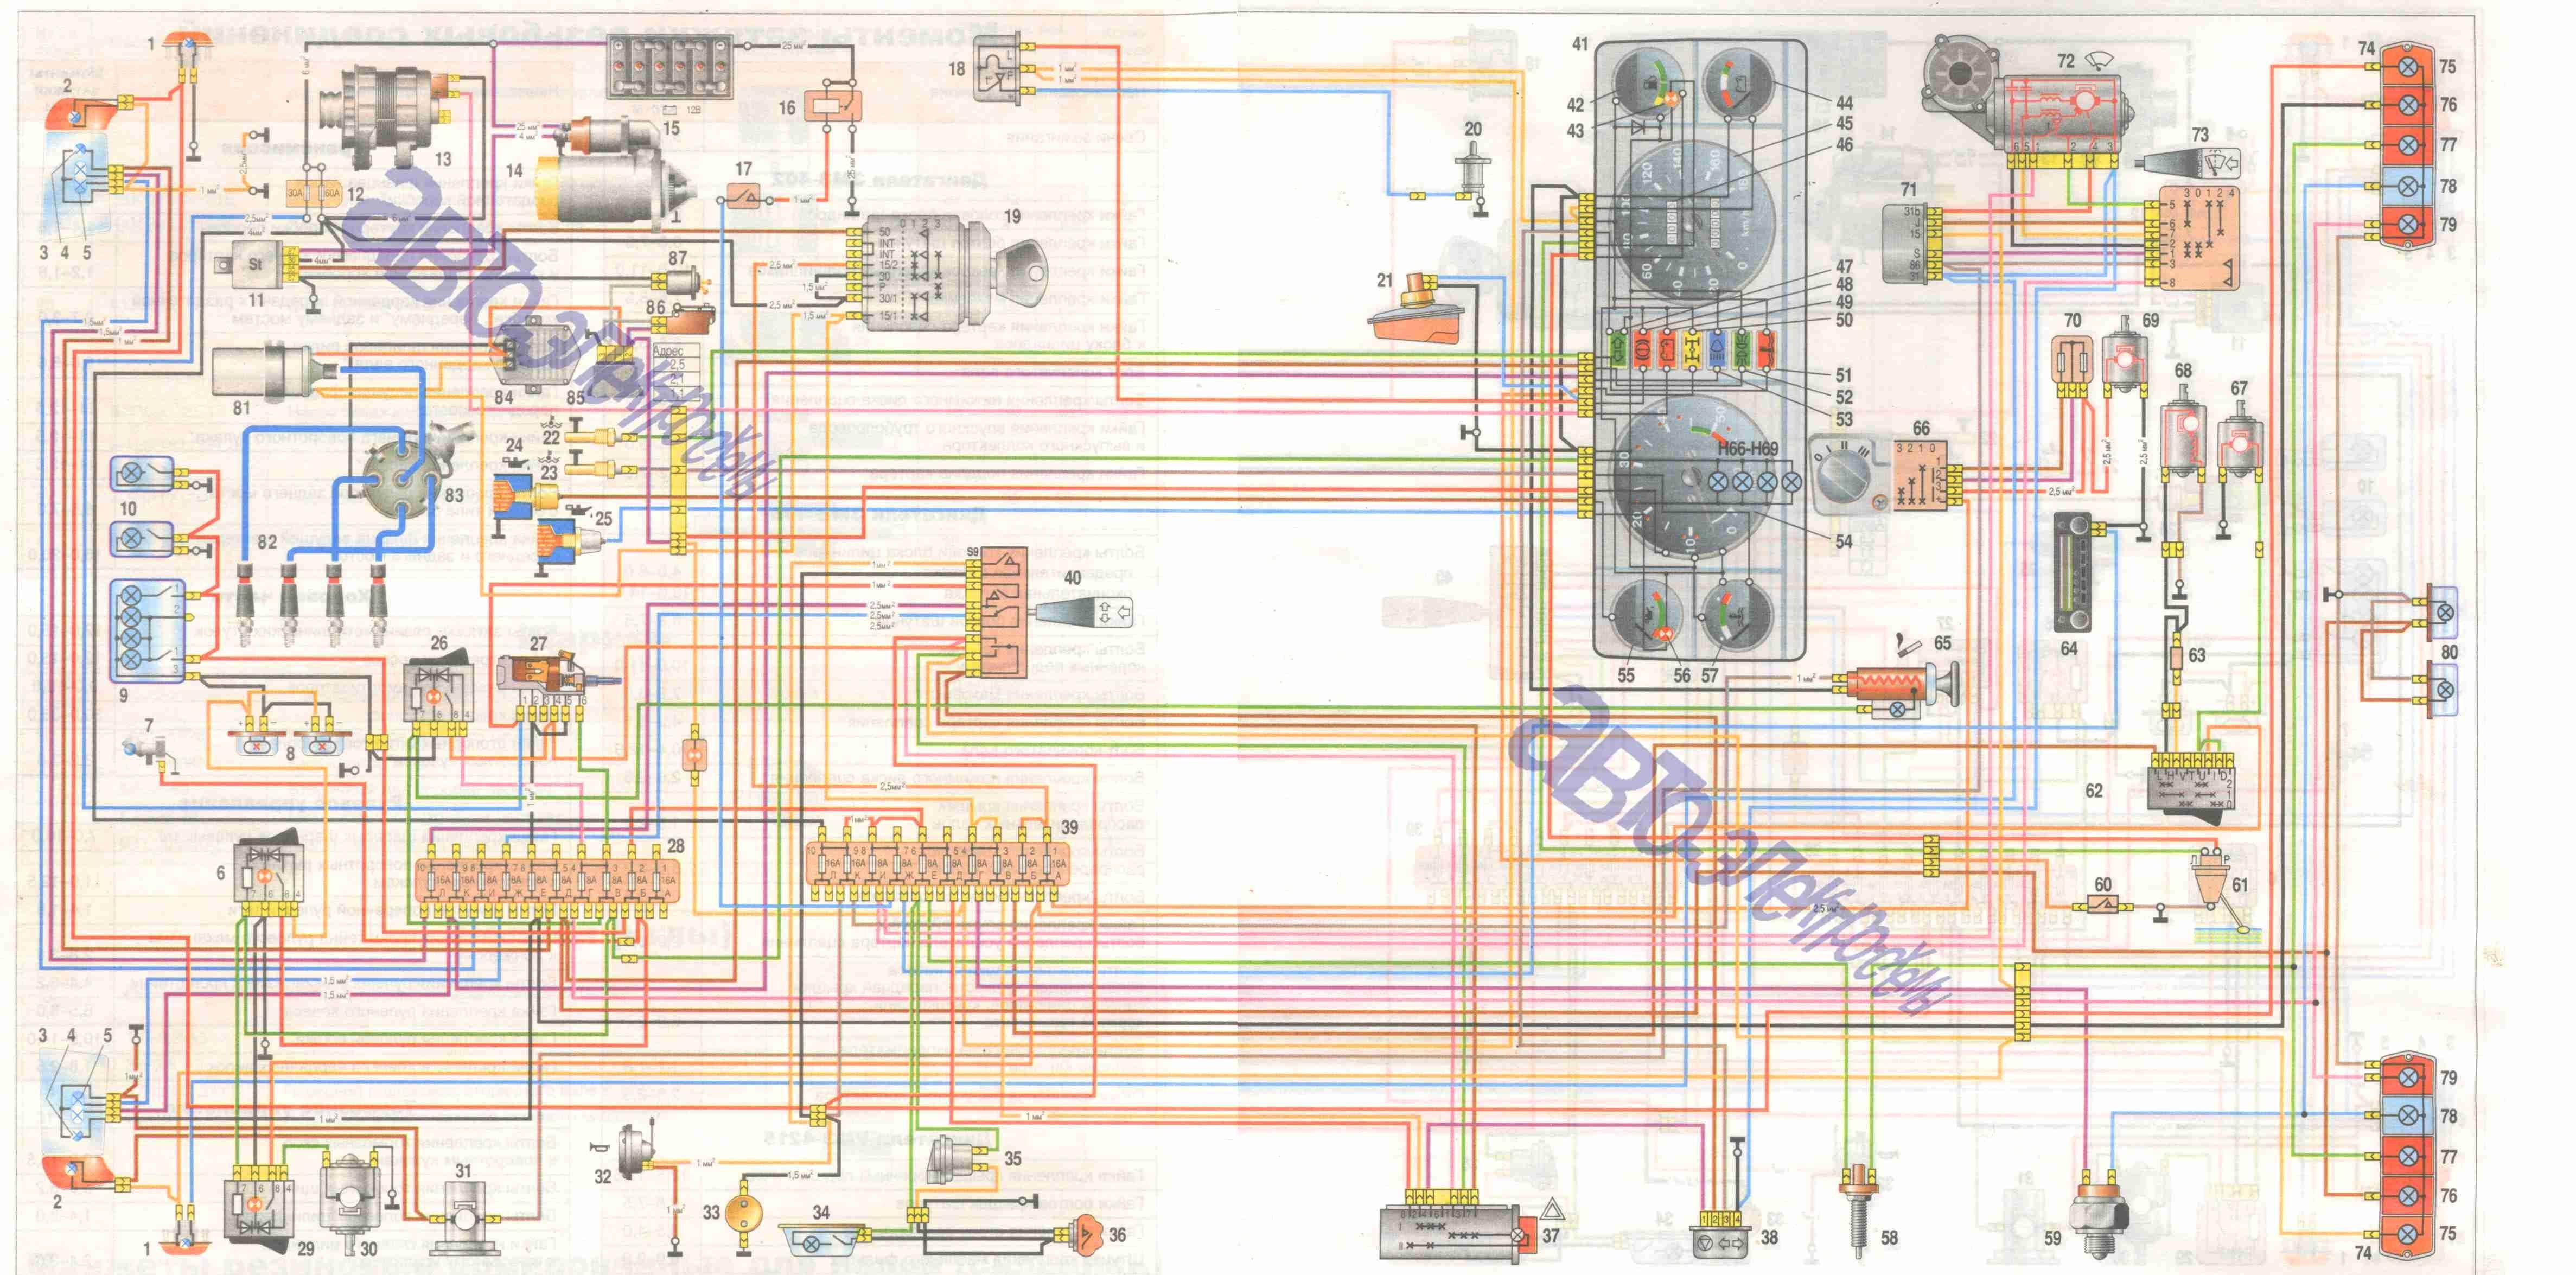 Электросхема для ГАЗ 3302, 2705